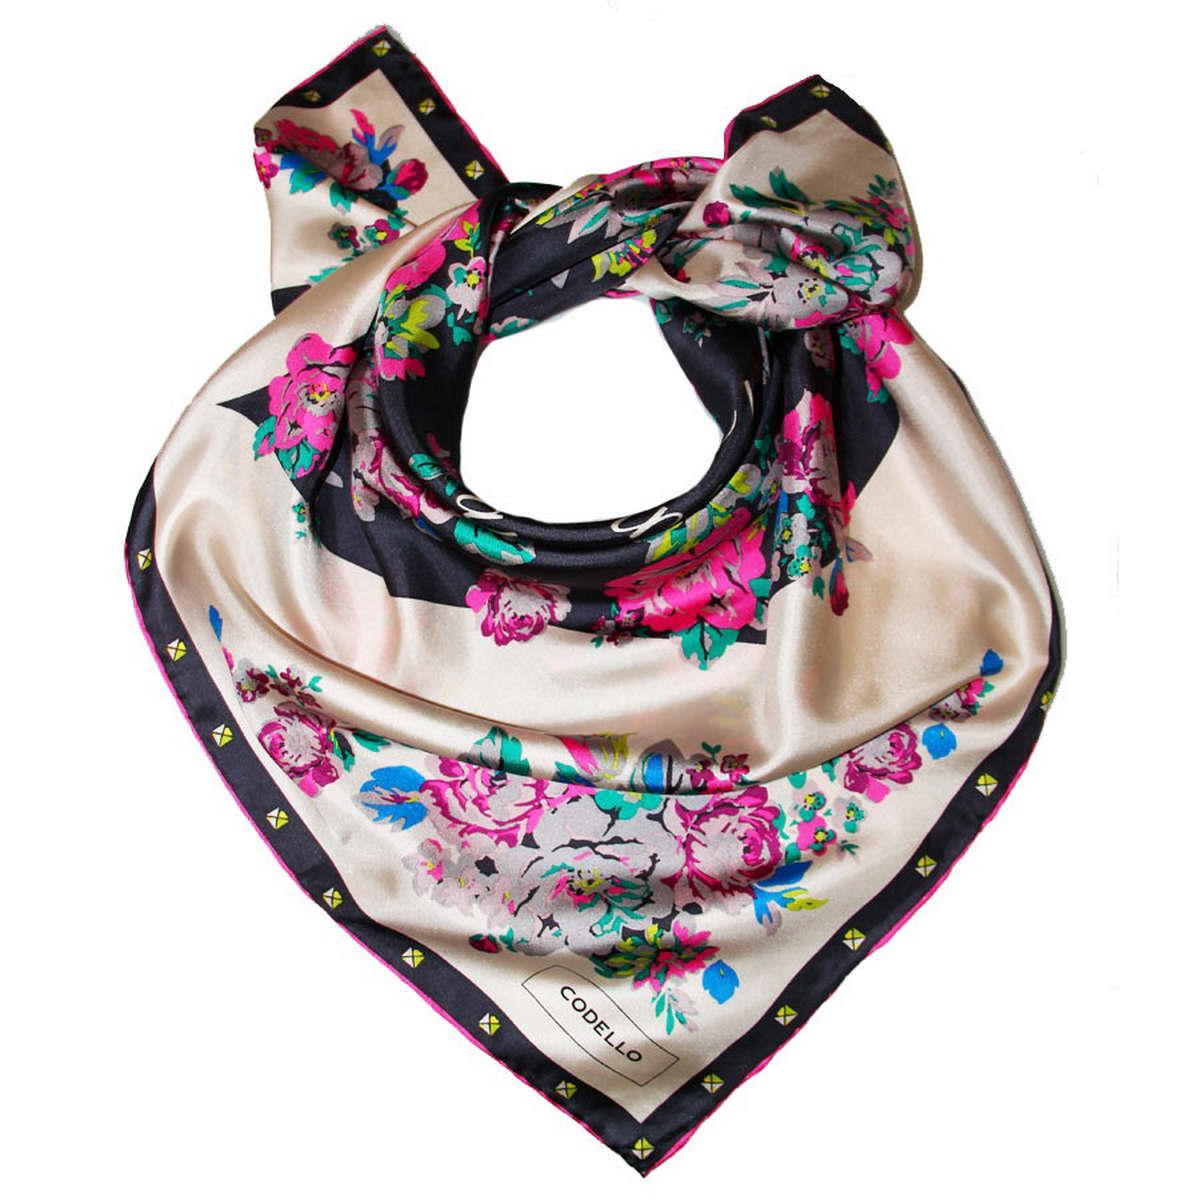 Платок1800971-11Стильный женский платок Codello изготовлен из натурального шелка и оформлен оригинальным цветочным принтом. Классическая квадратная форма позволяет носить платок на шее, украшать им прическу или декорировать сумочку. Такой платок превосходно дополнит любой наряд и подчеркнет ваш неповторимый вкус и элегантность.